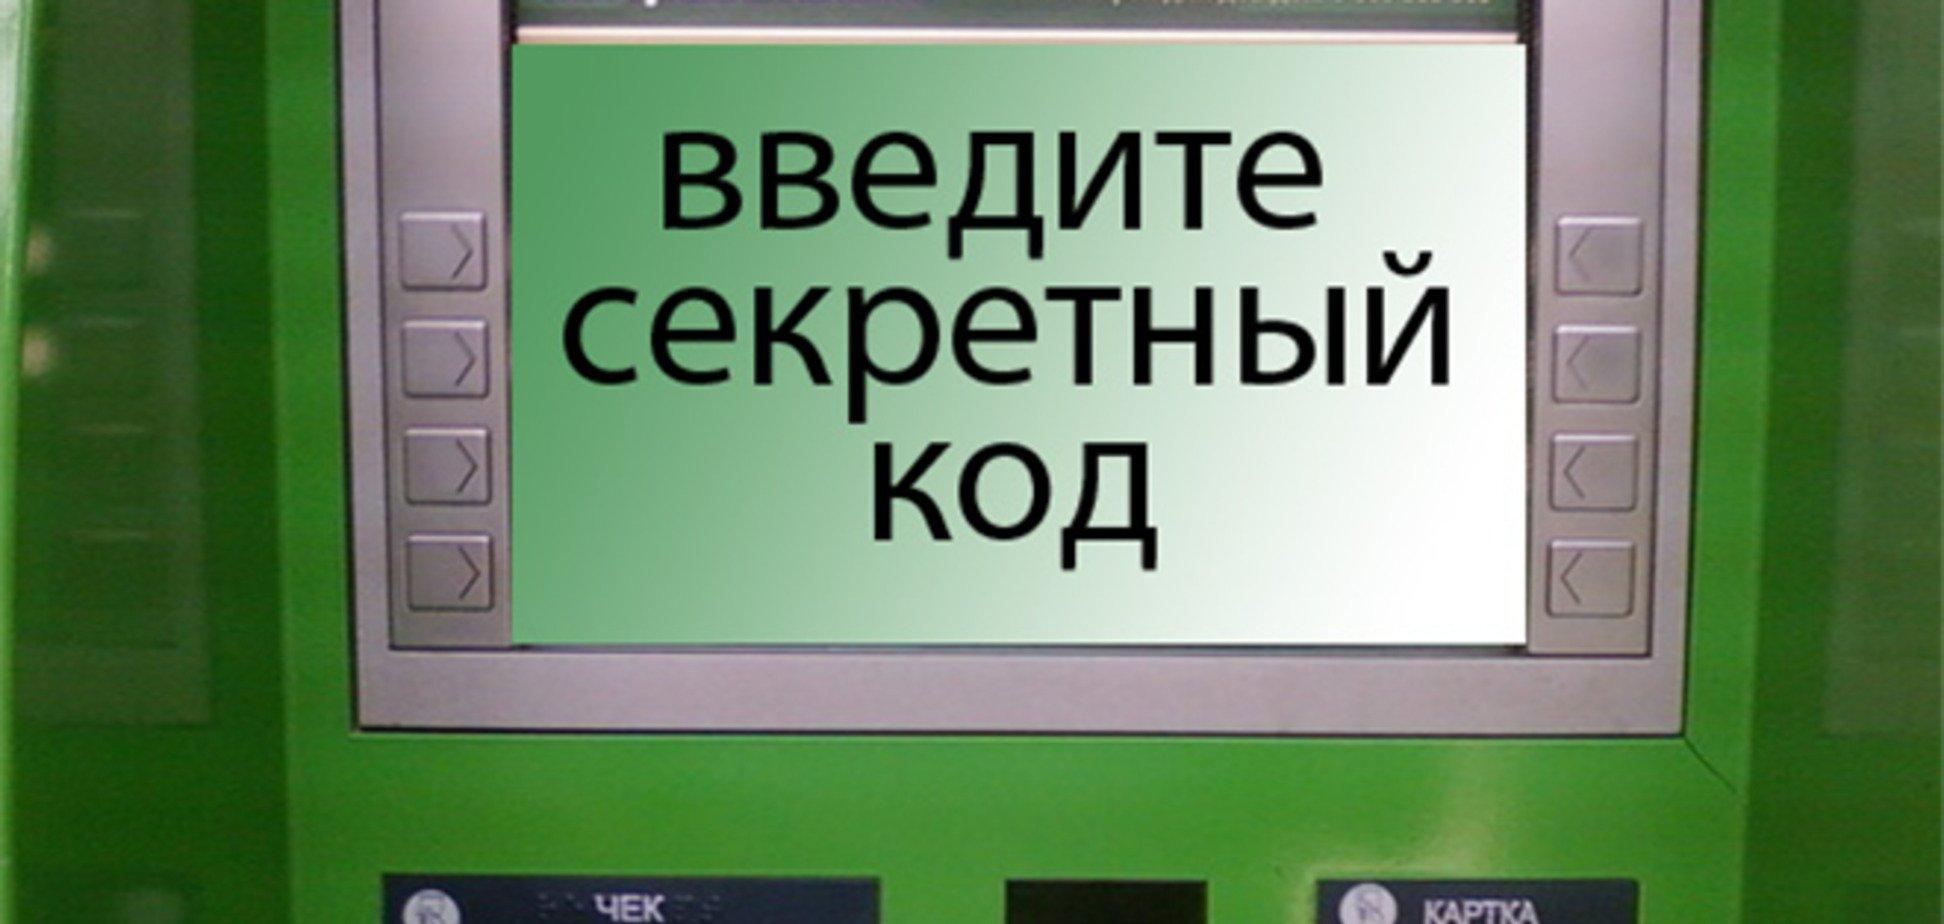 На Луганщині судять шахраїв, які вкрали у клієнтів 'ПриватБанку' більше 100 тис. гривень